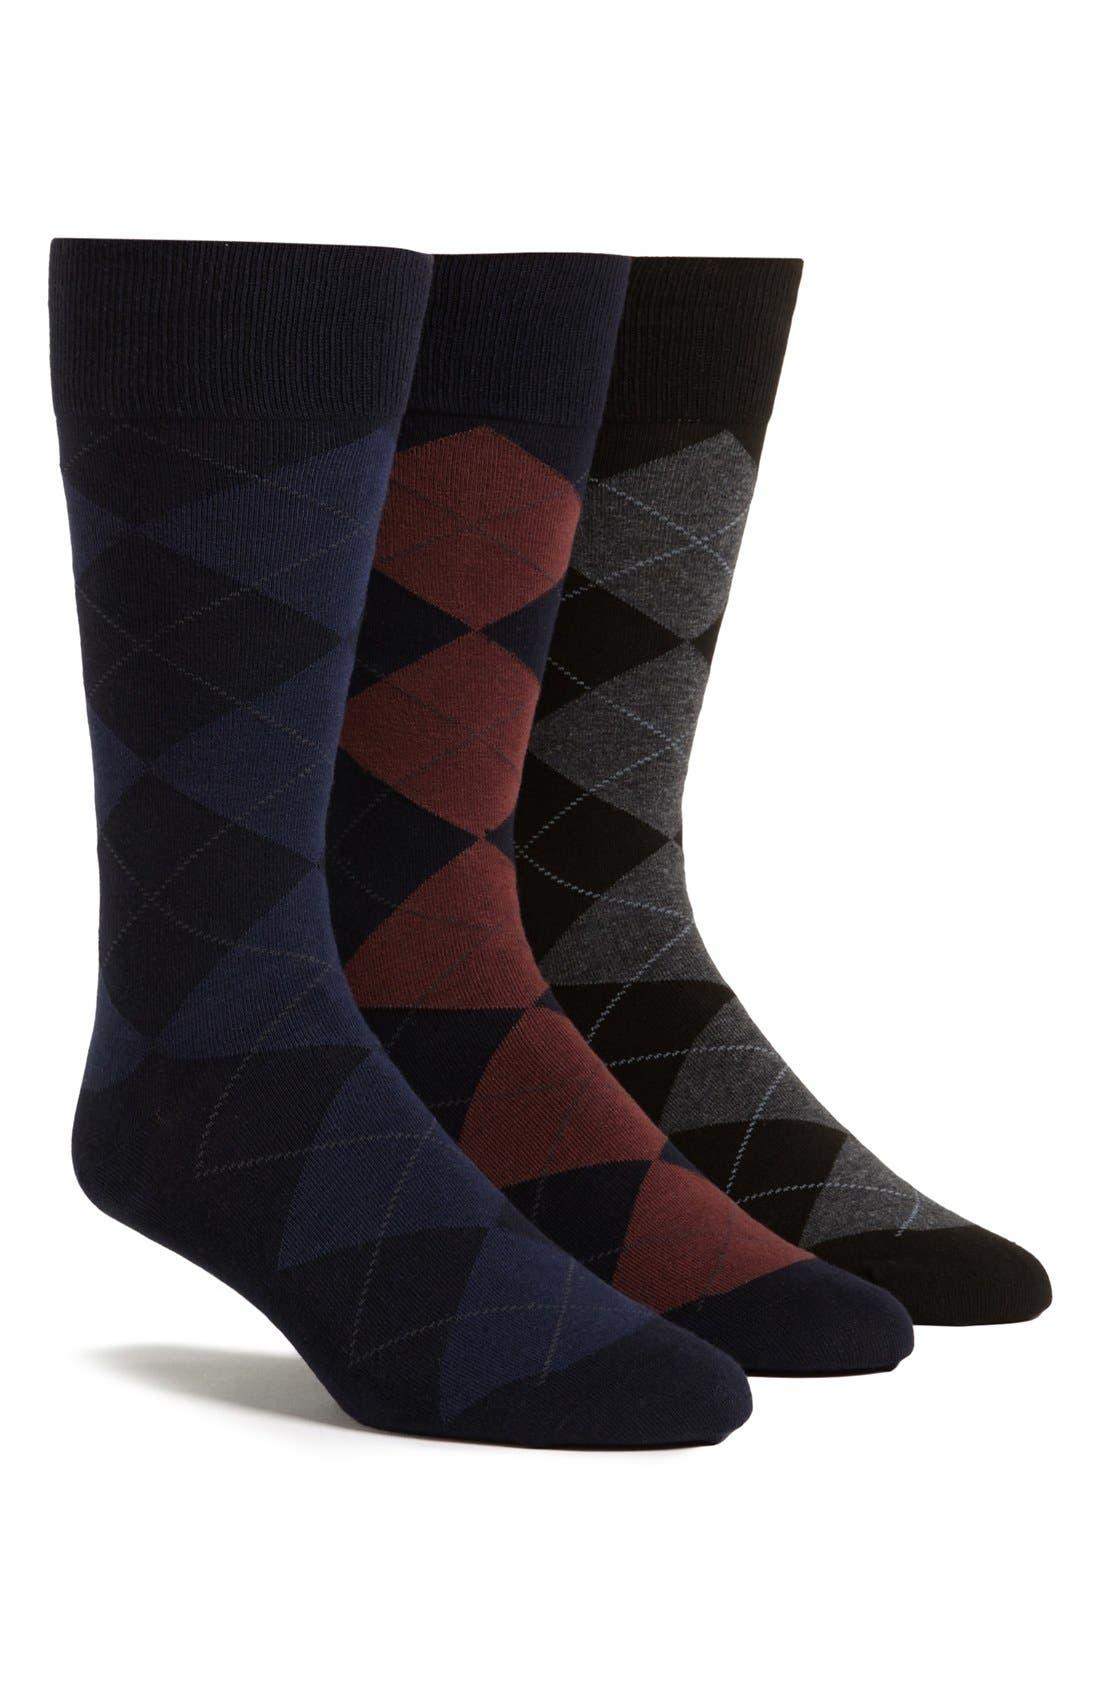 3-Pack Argyle Socks,                         Main,                         color, NVY BURG/ NVY BLU/ BLK CHR